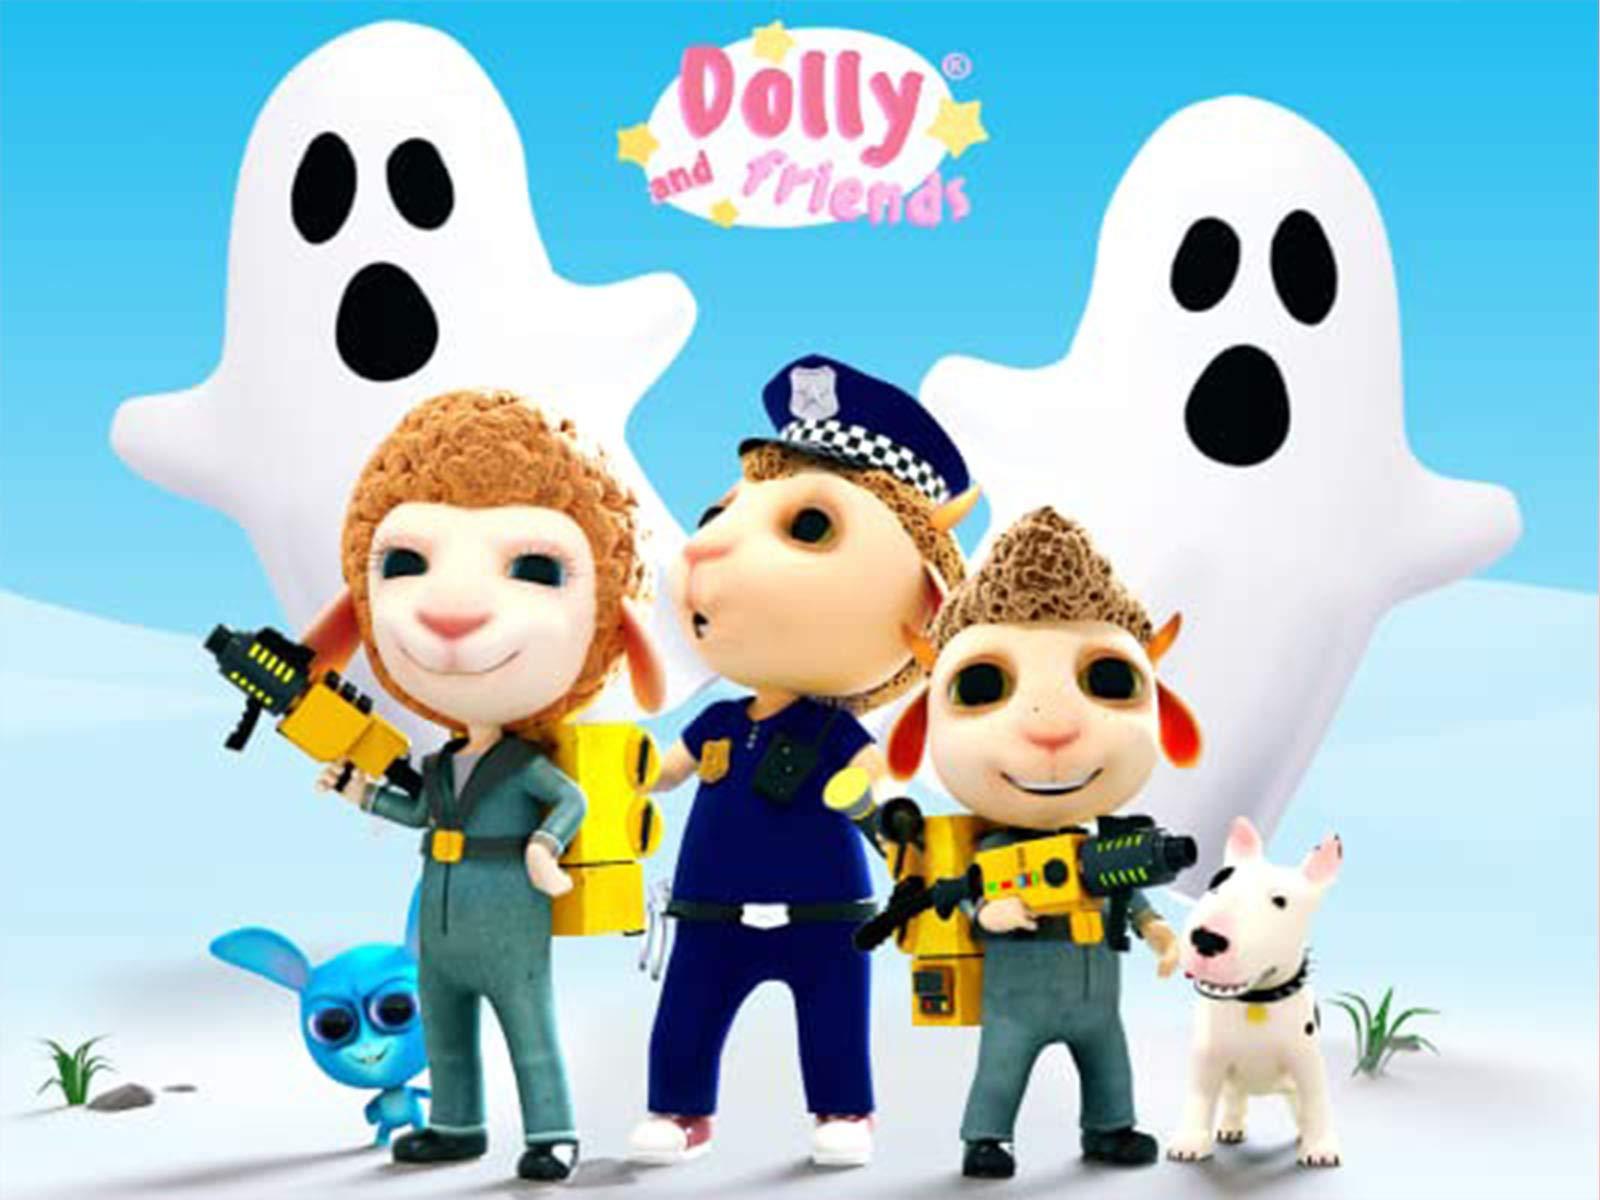 Dolly & Friends - Season 2